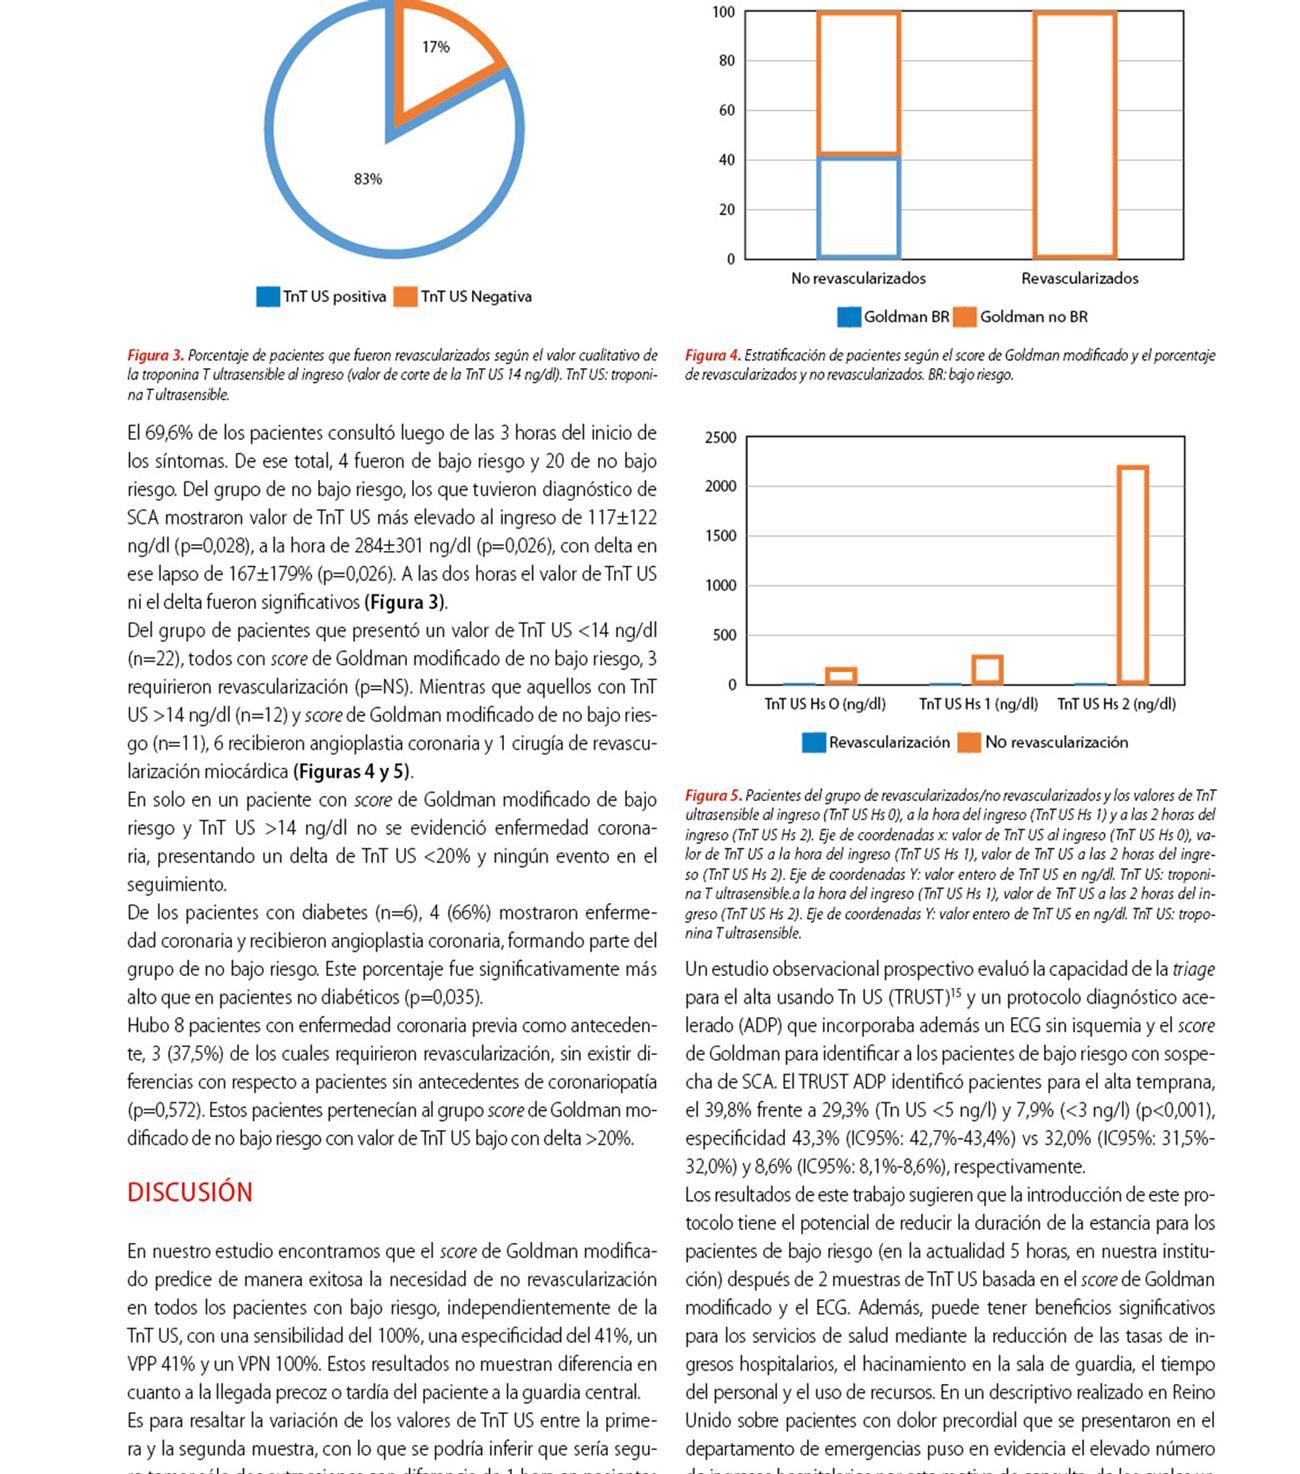 Score de Goldman modificado para la evaluación de pacientes con dolor precordial en la guardia central